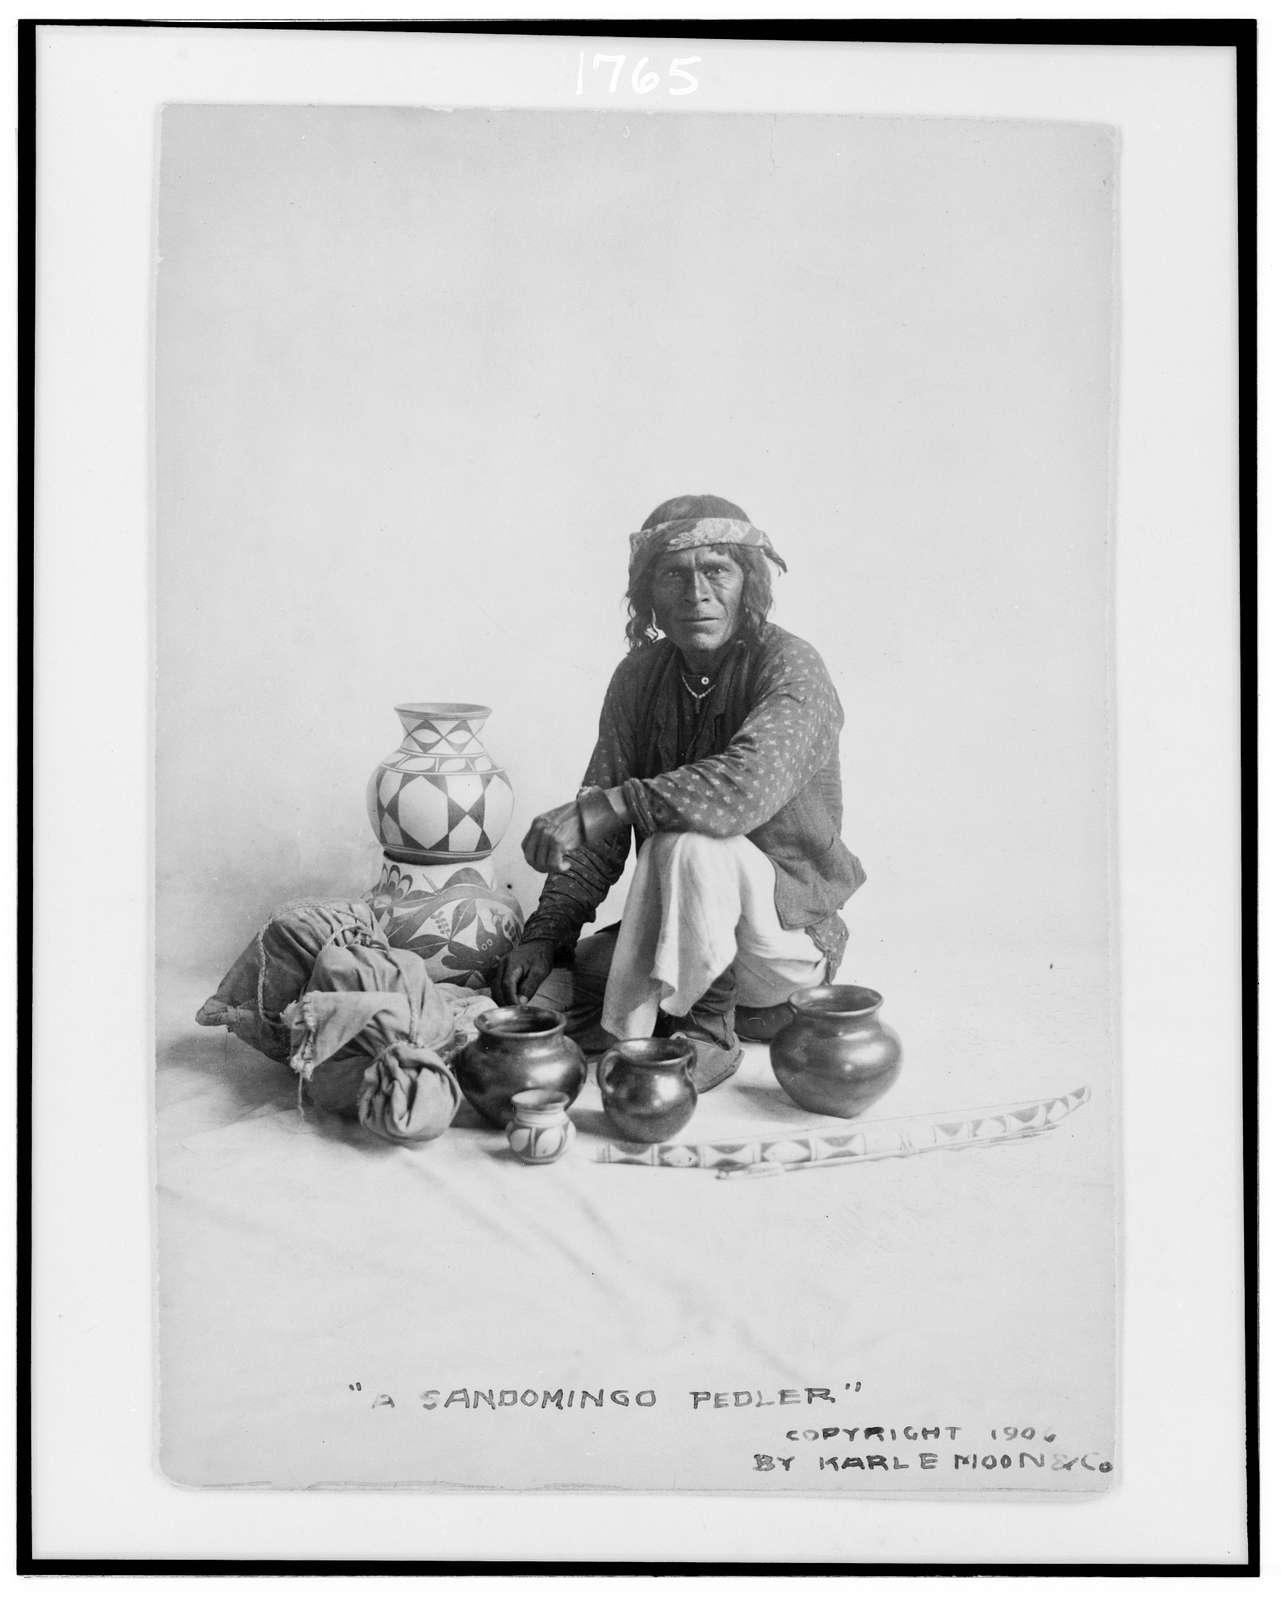 A Sandomingo pedler [i.e. Santo Domingo peddler]